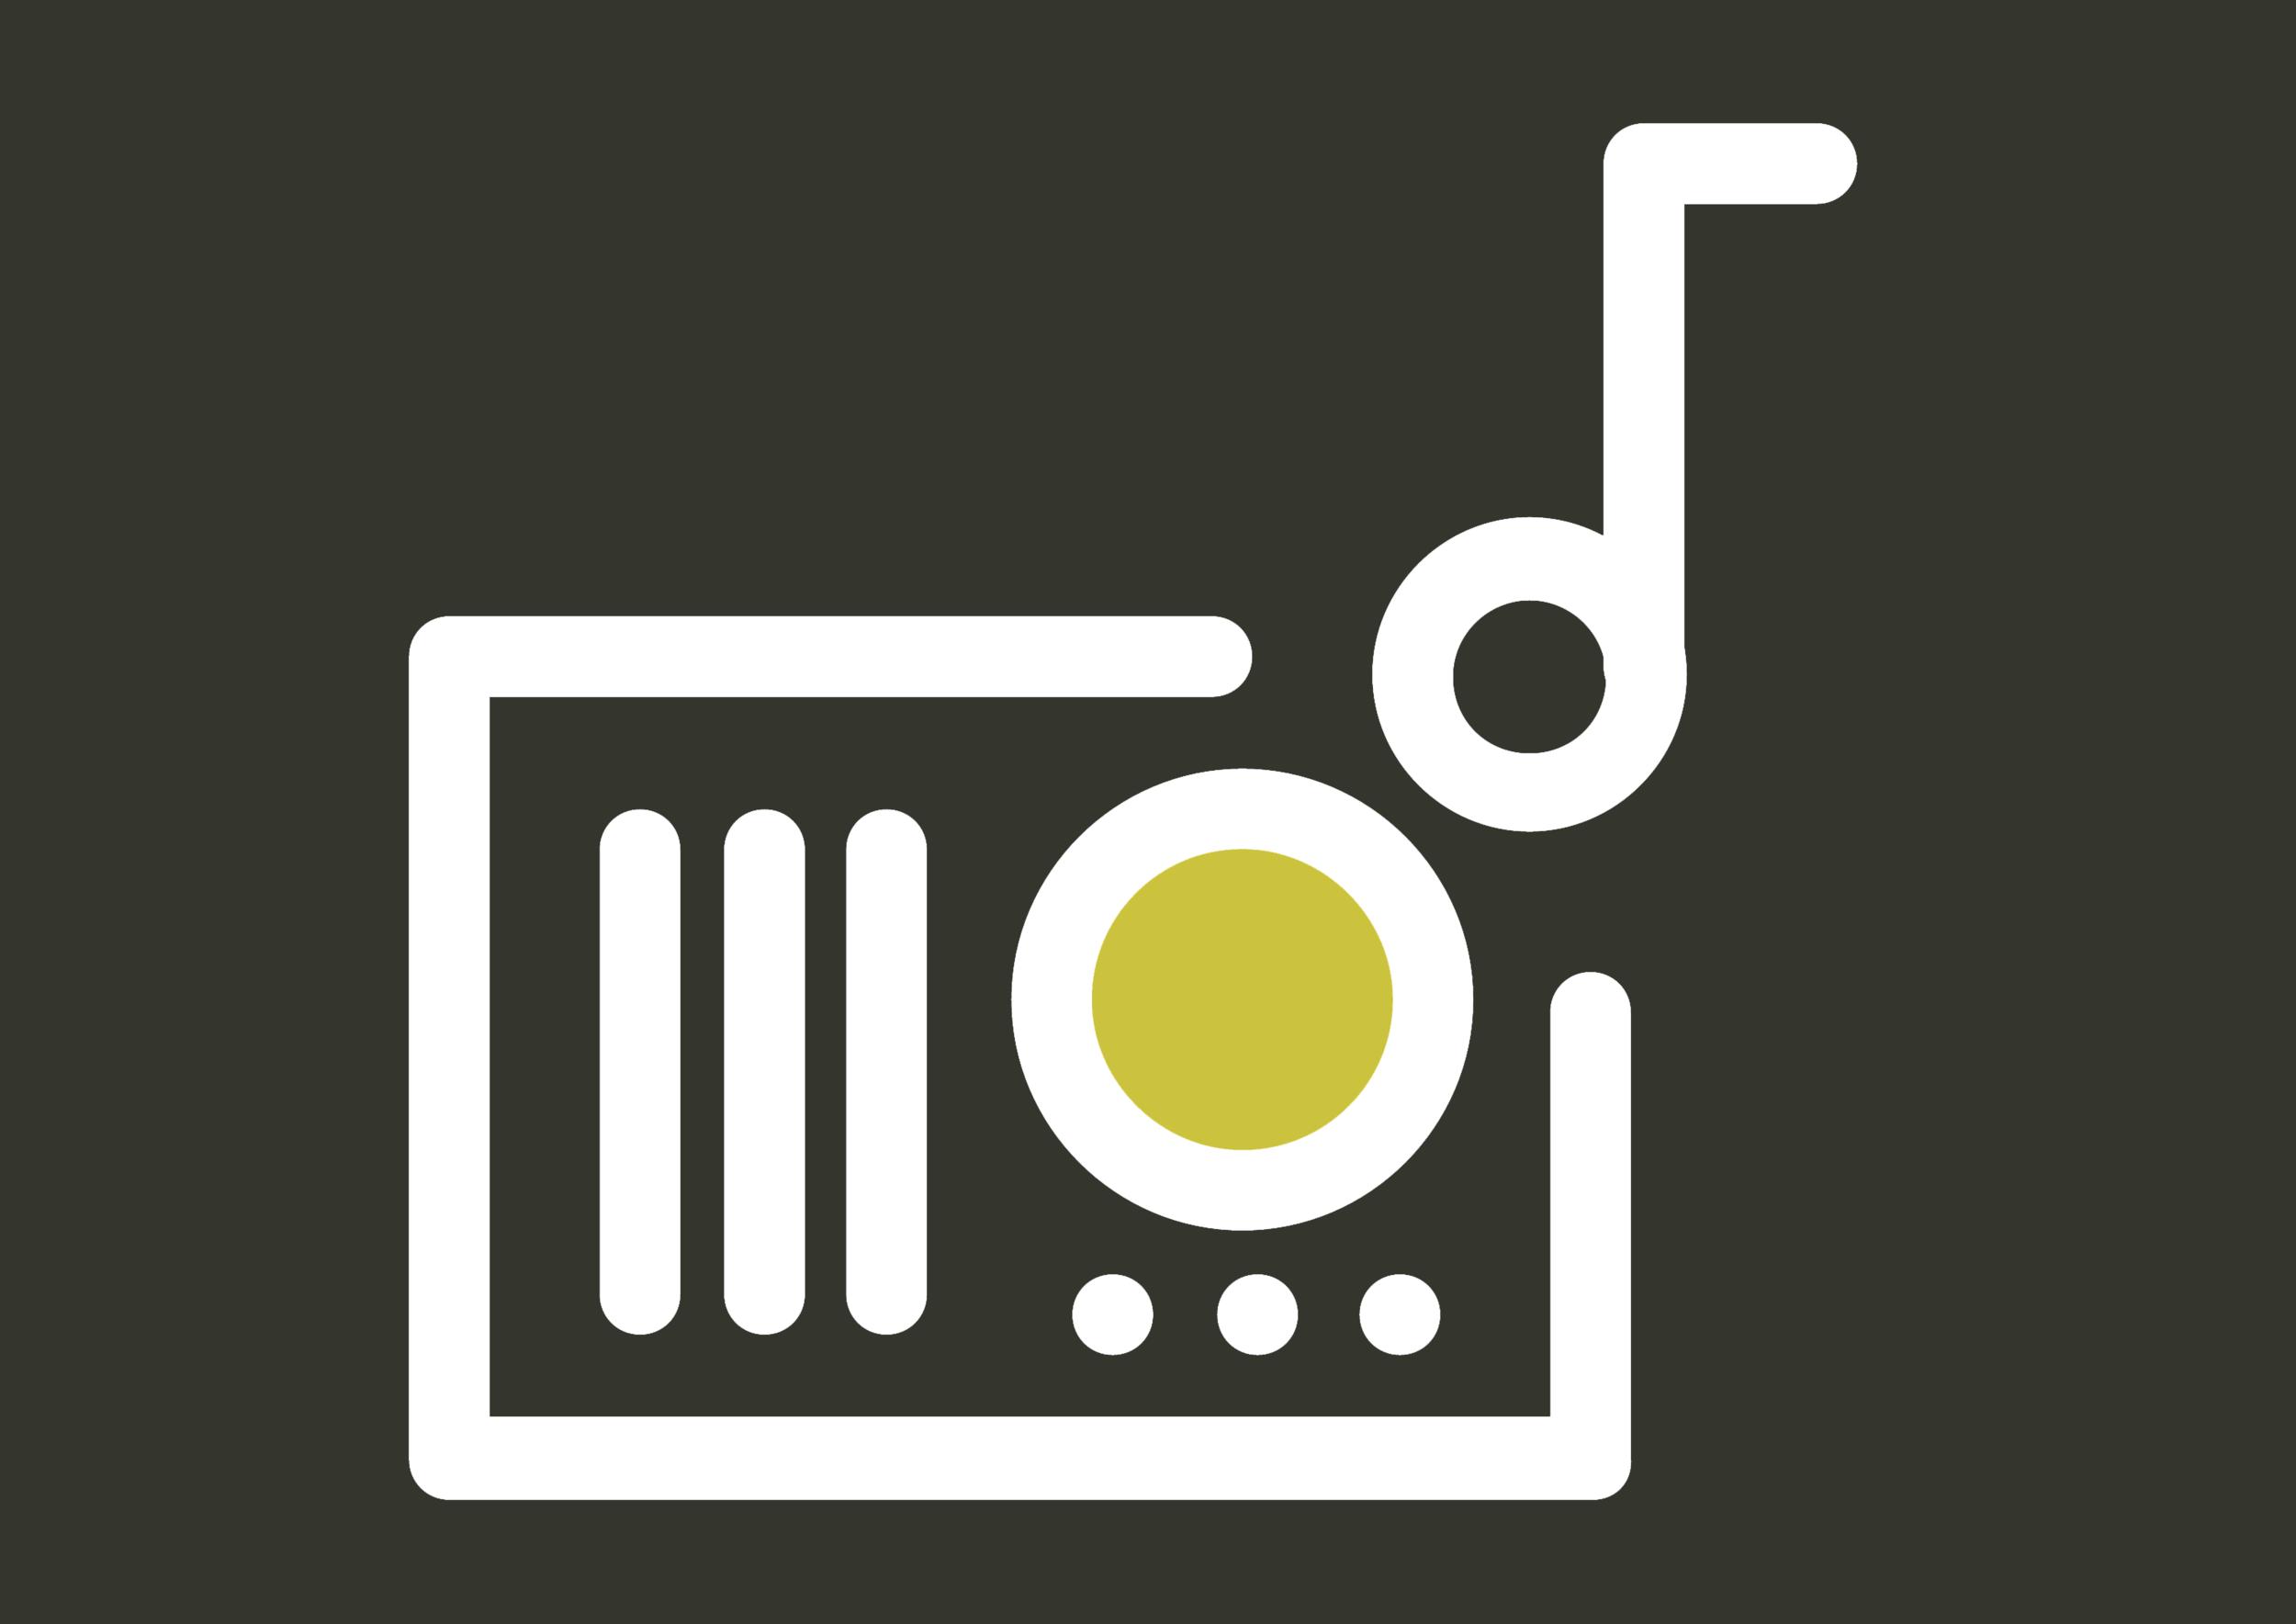 Bij de onderwijsexceptie gaat het ook om naburige rechten van uitvoerende musici en platenproducenten.